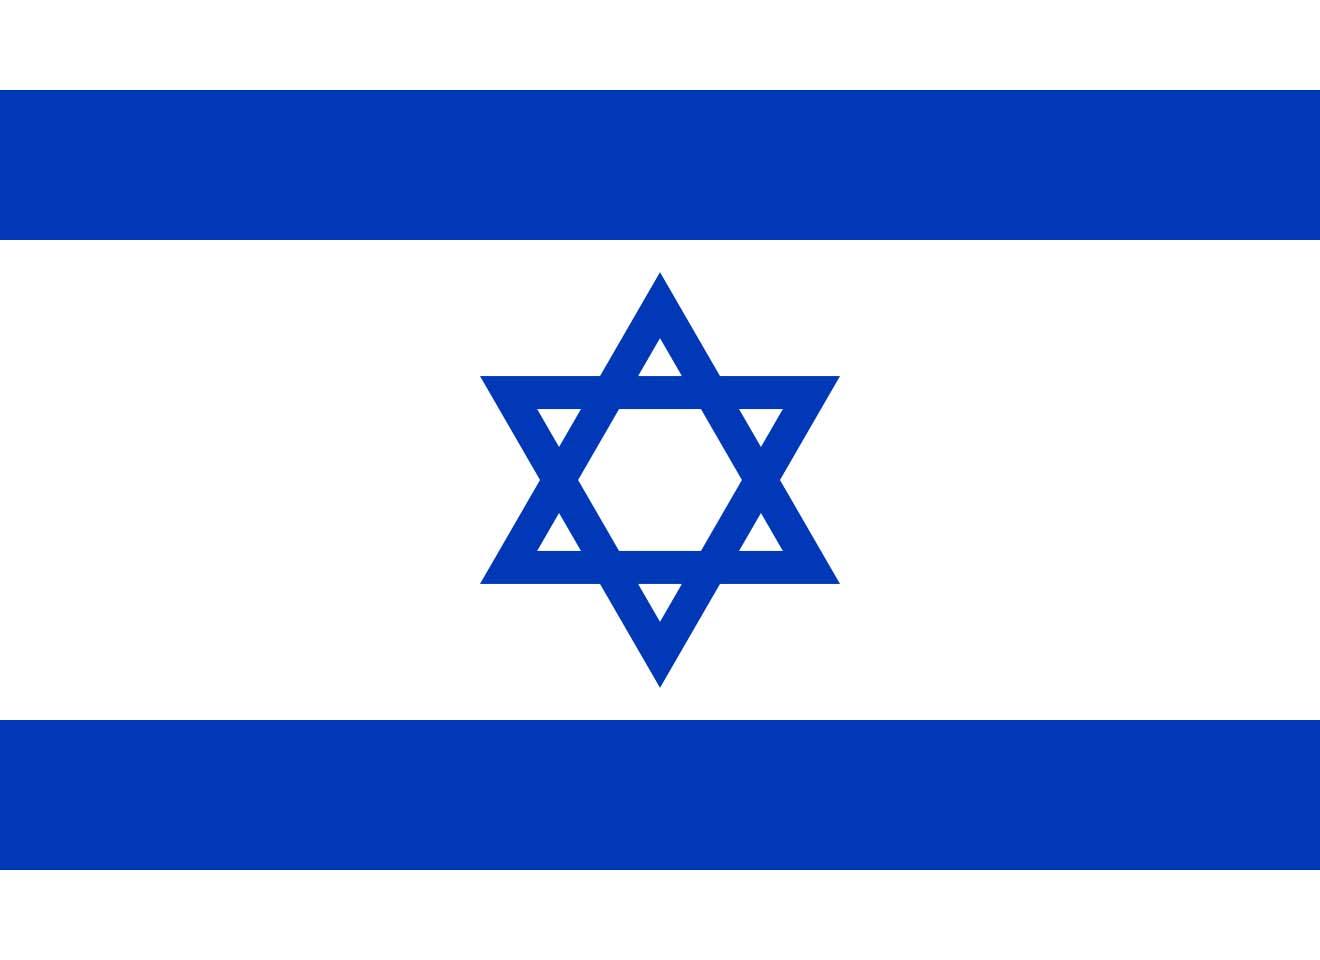 Bandera de Israel ✍️ | Significado de la Estrella de David + Historia ✓